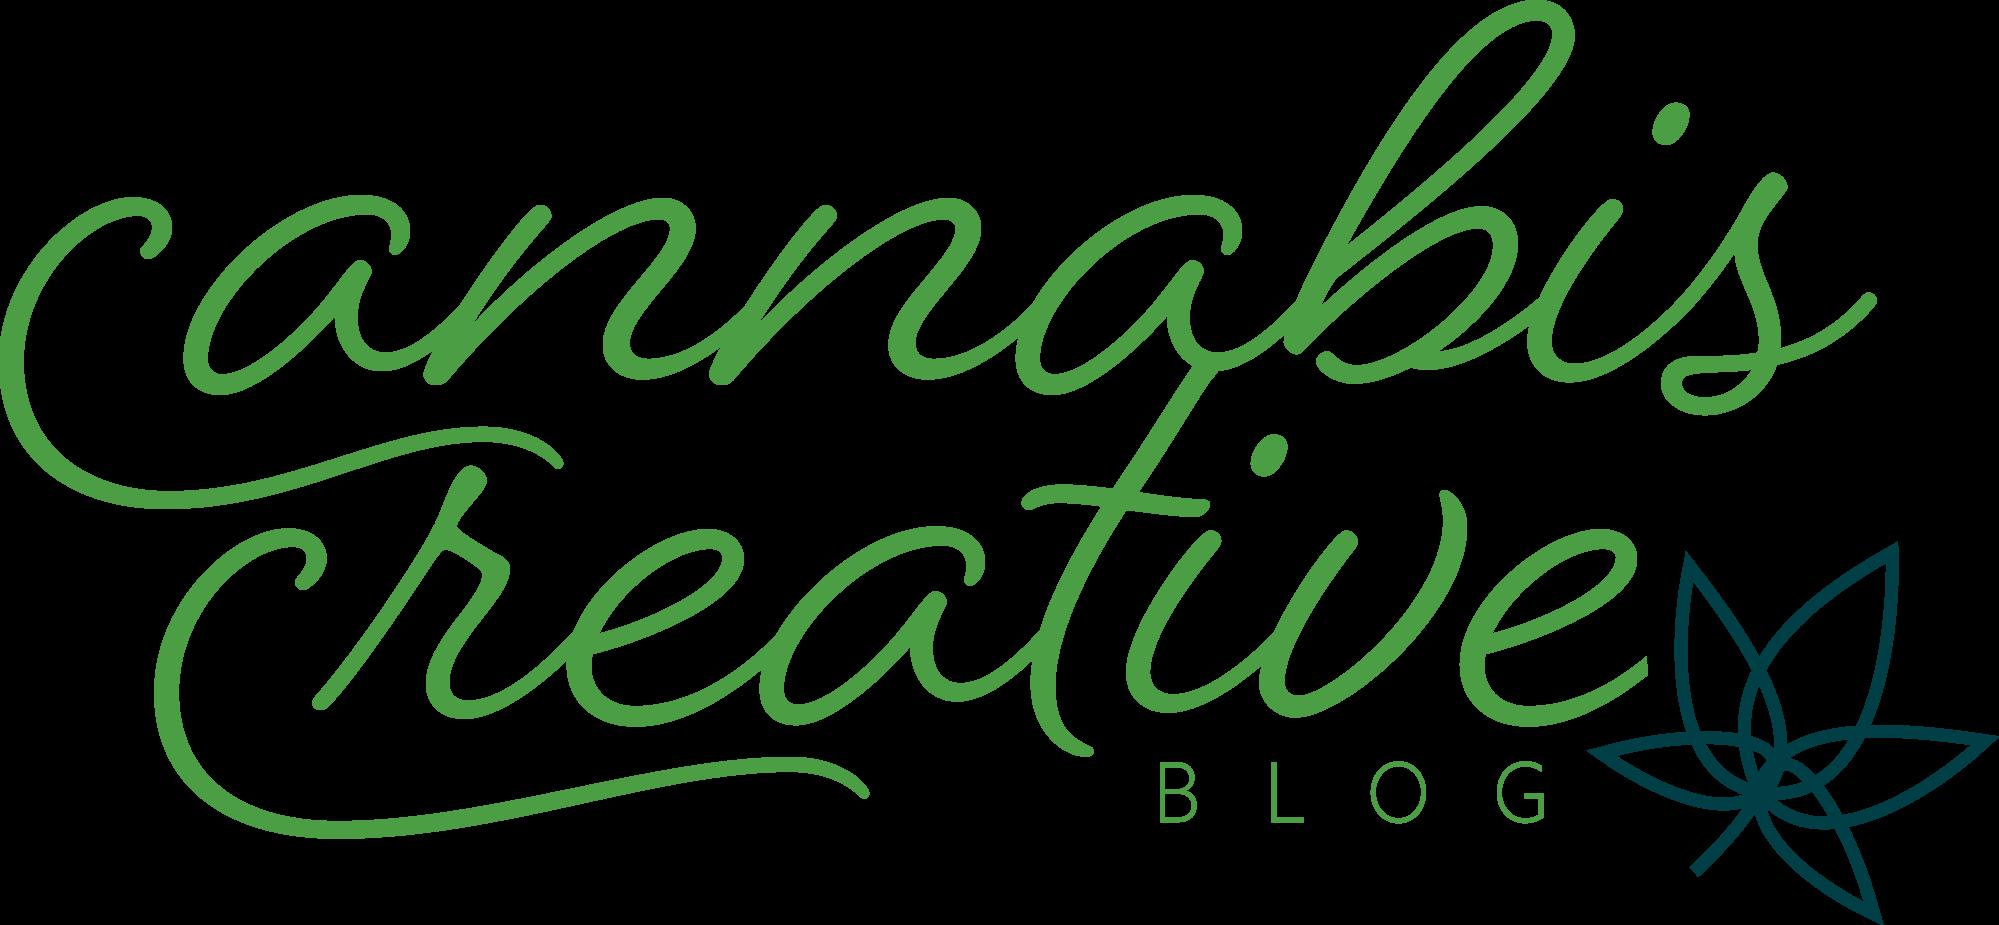 Cannabis Creative Blog